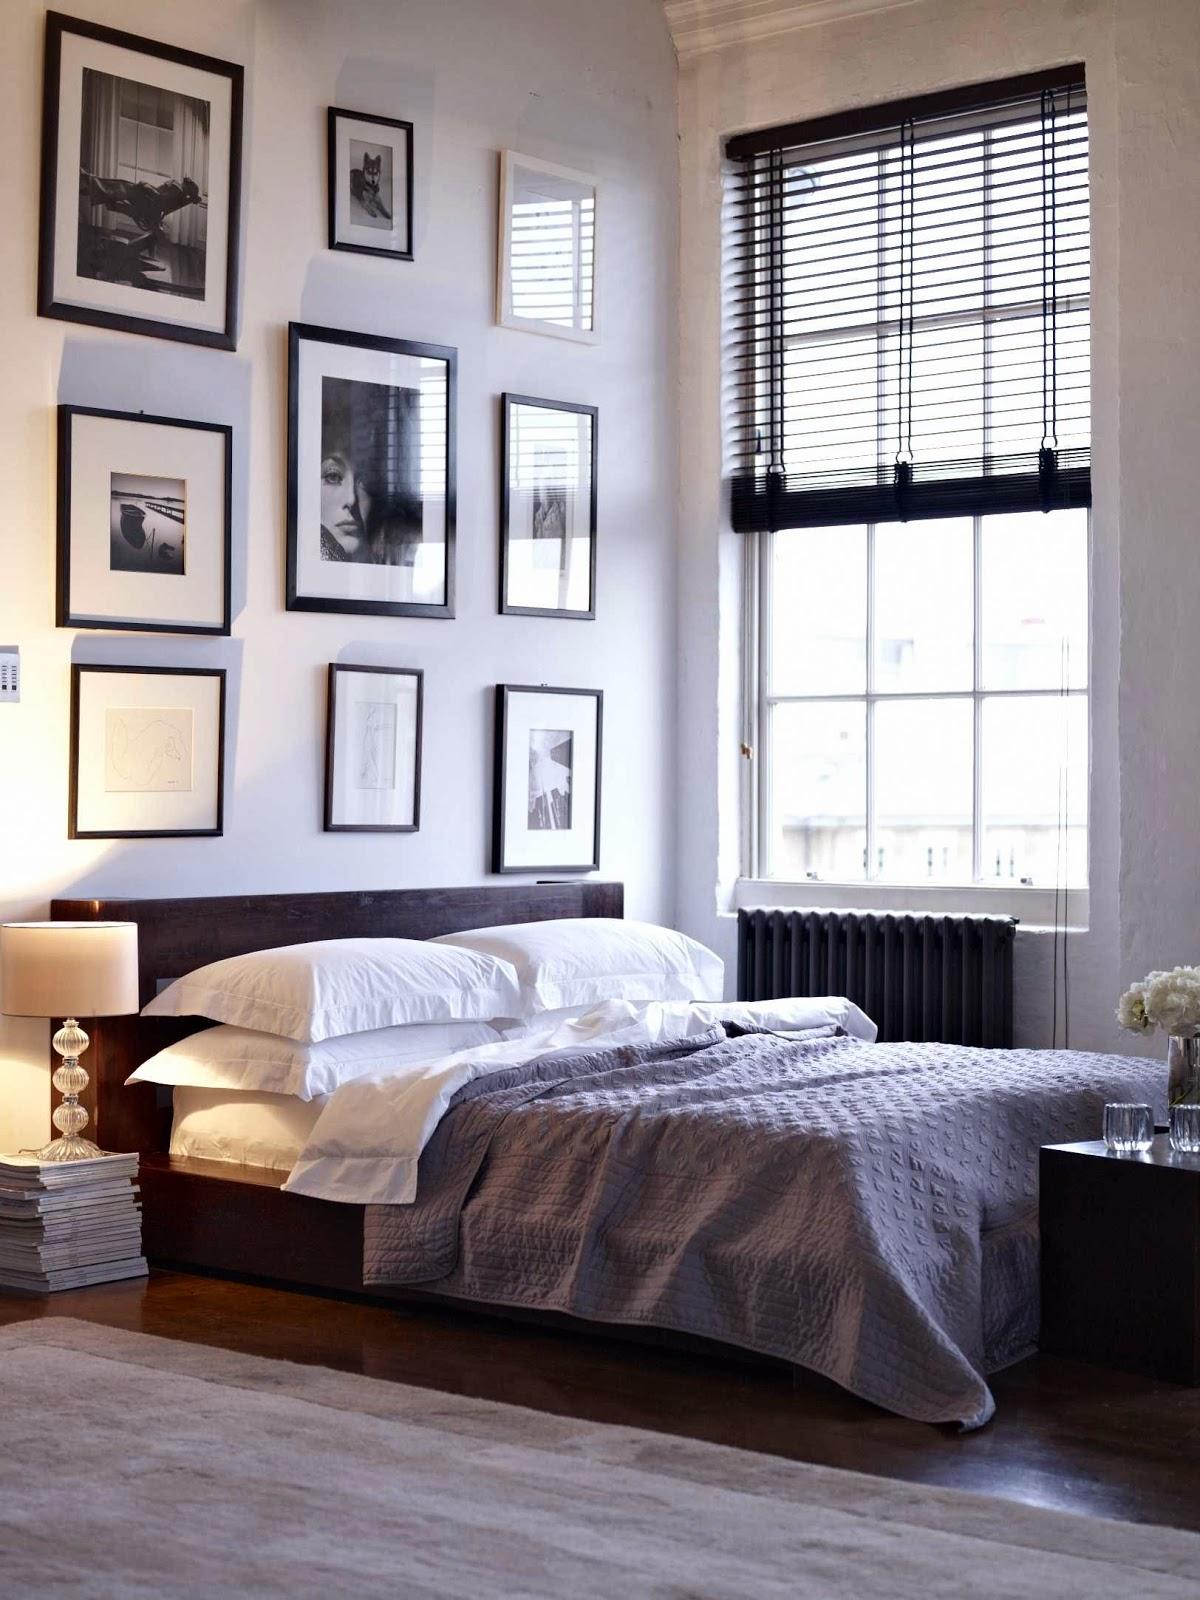 Изображения над кроватью в черных и белых рамах